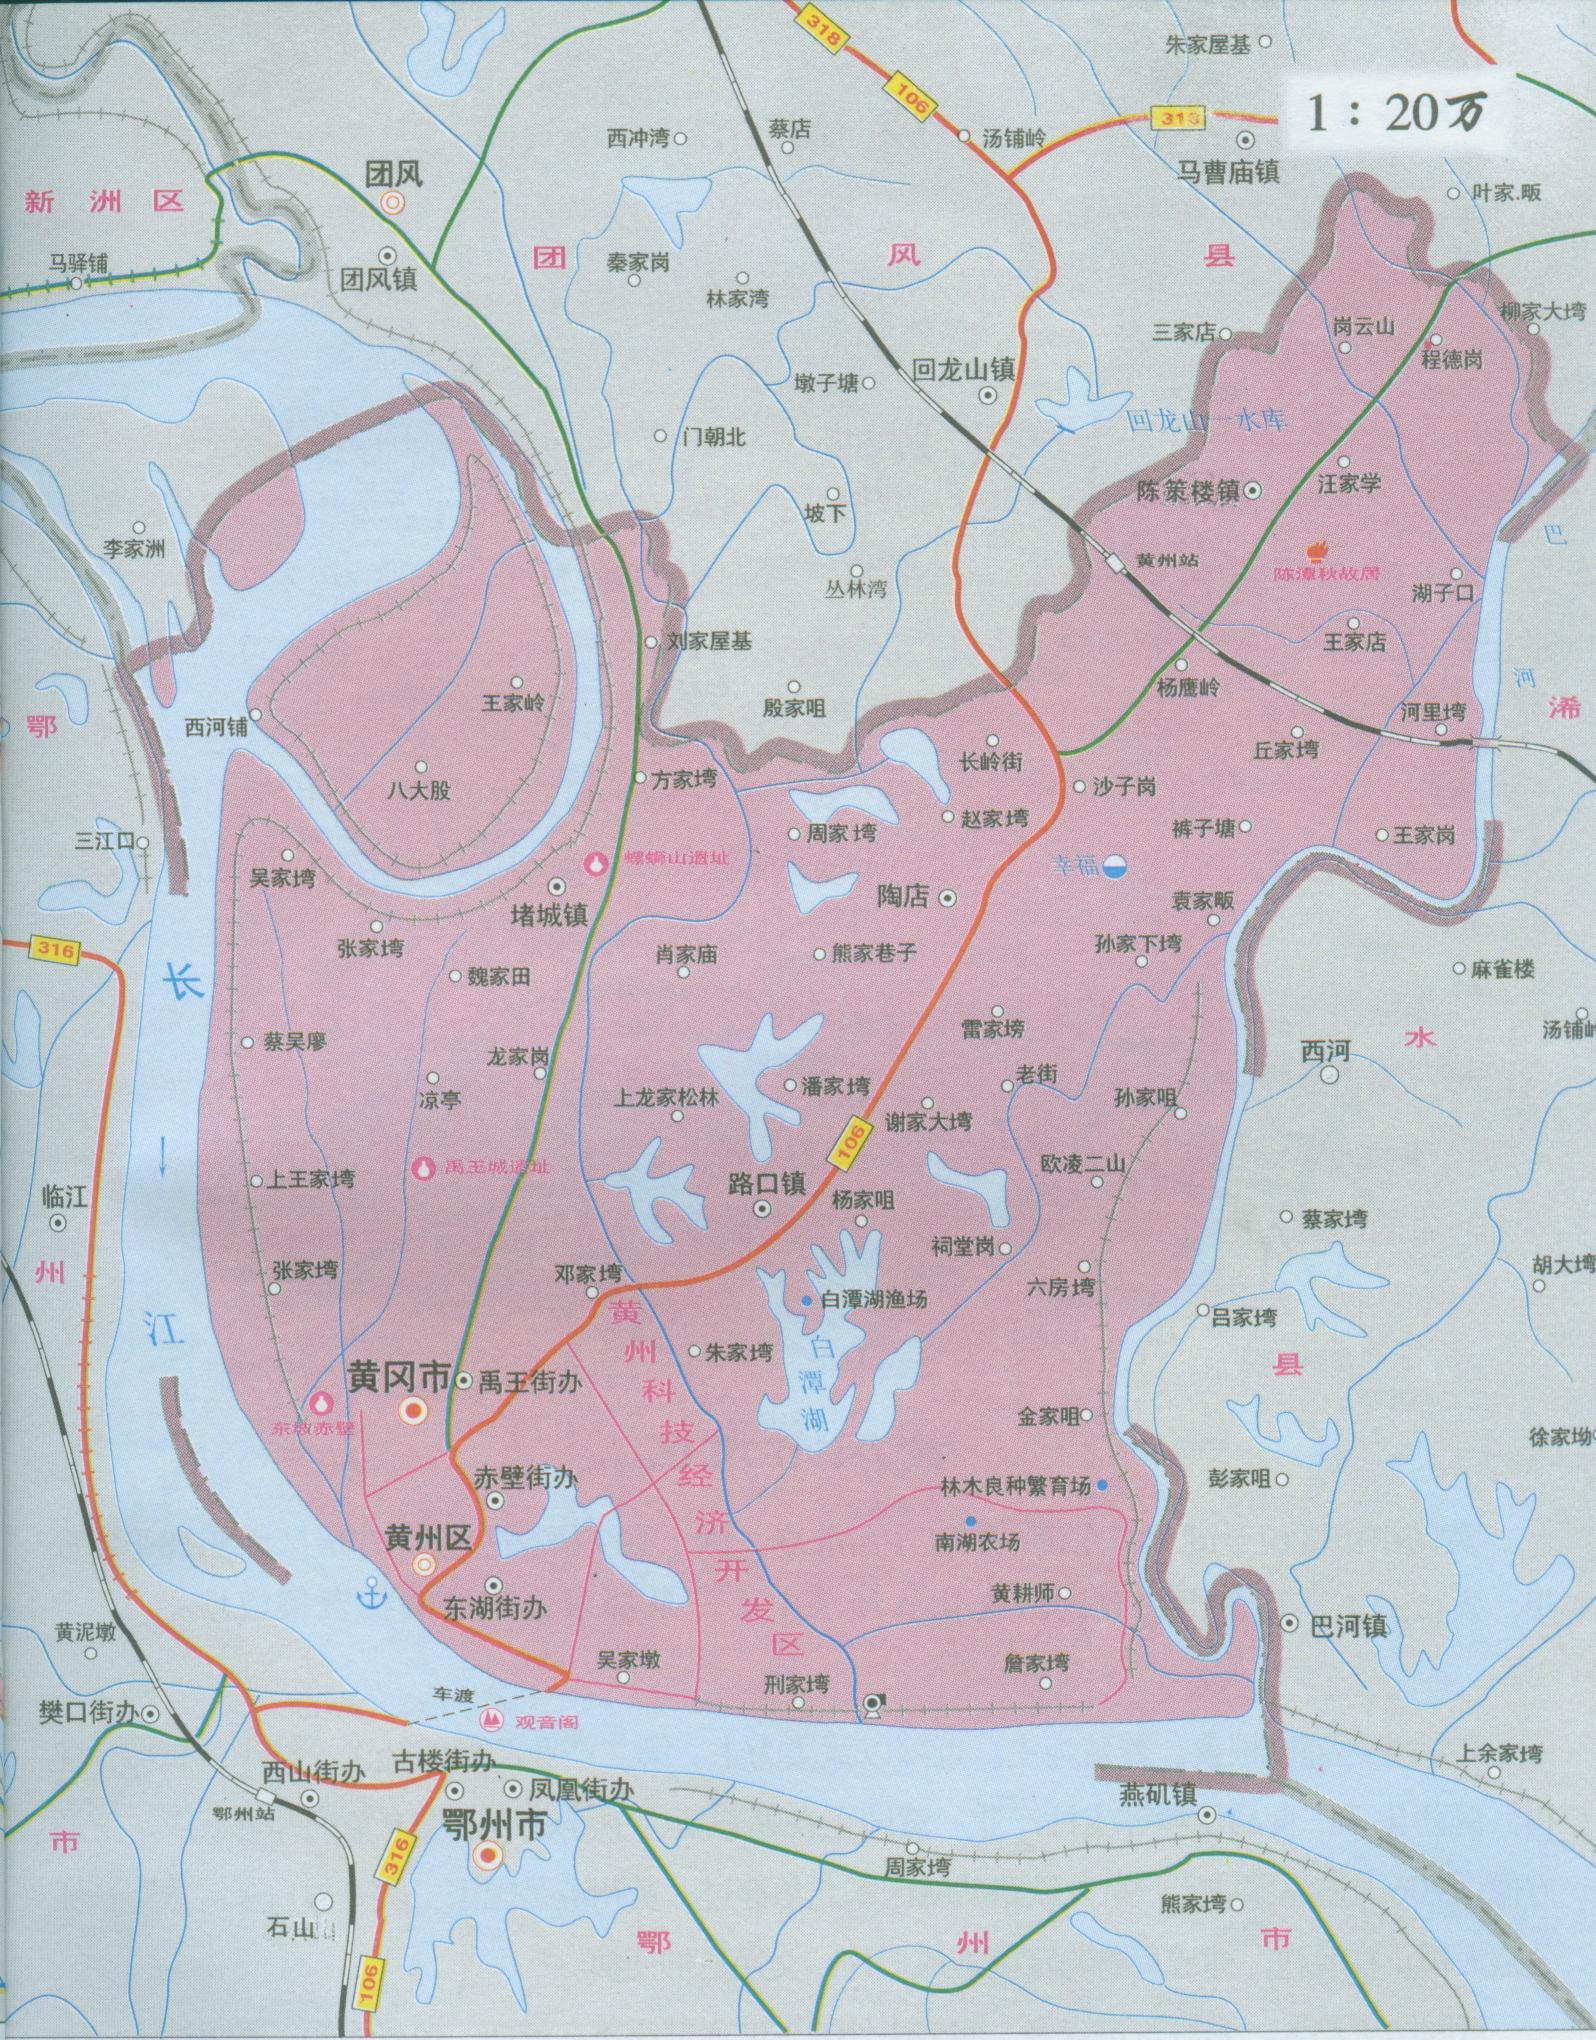 湖北地图全图高清版片图片展示_湖北地图全图高清版片相关图片下载